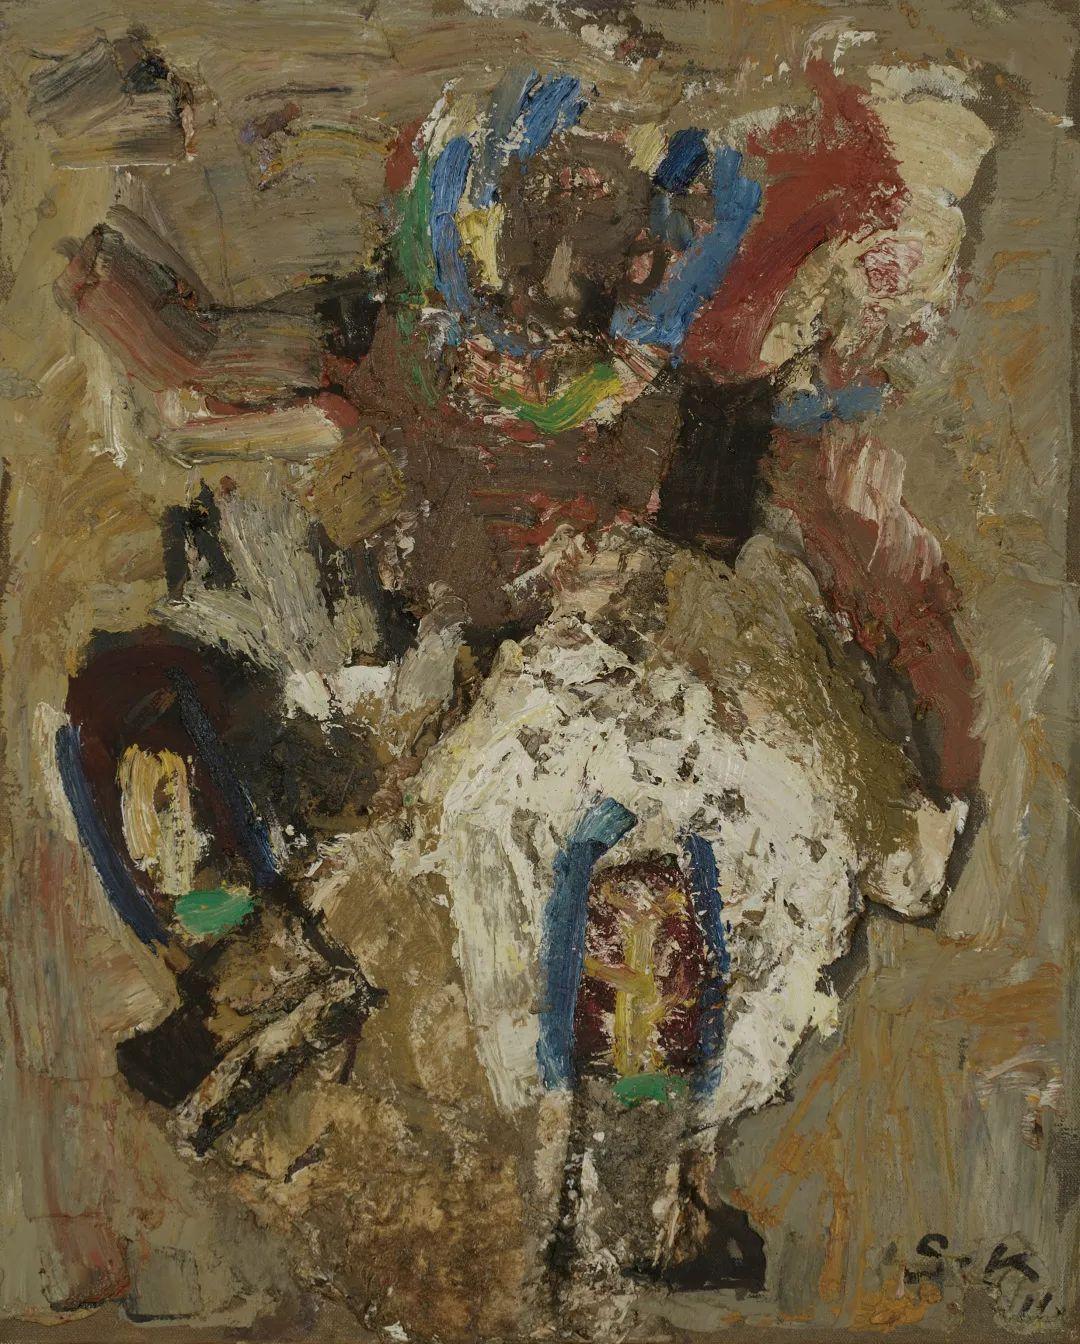 身边的名家|砂金的油画写生 第6张 身边的名家|砂金的油画写生 蒙古画廊